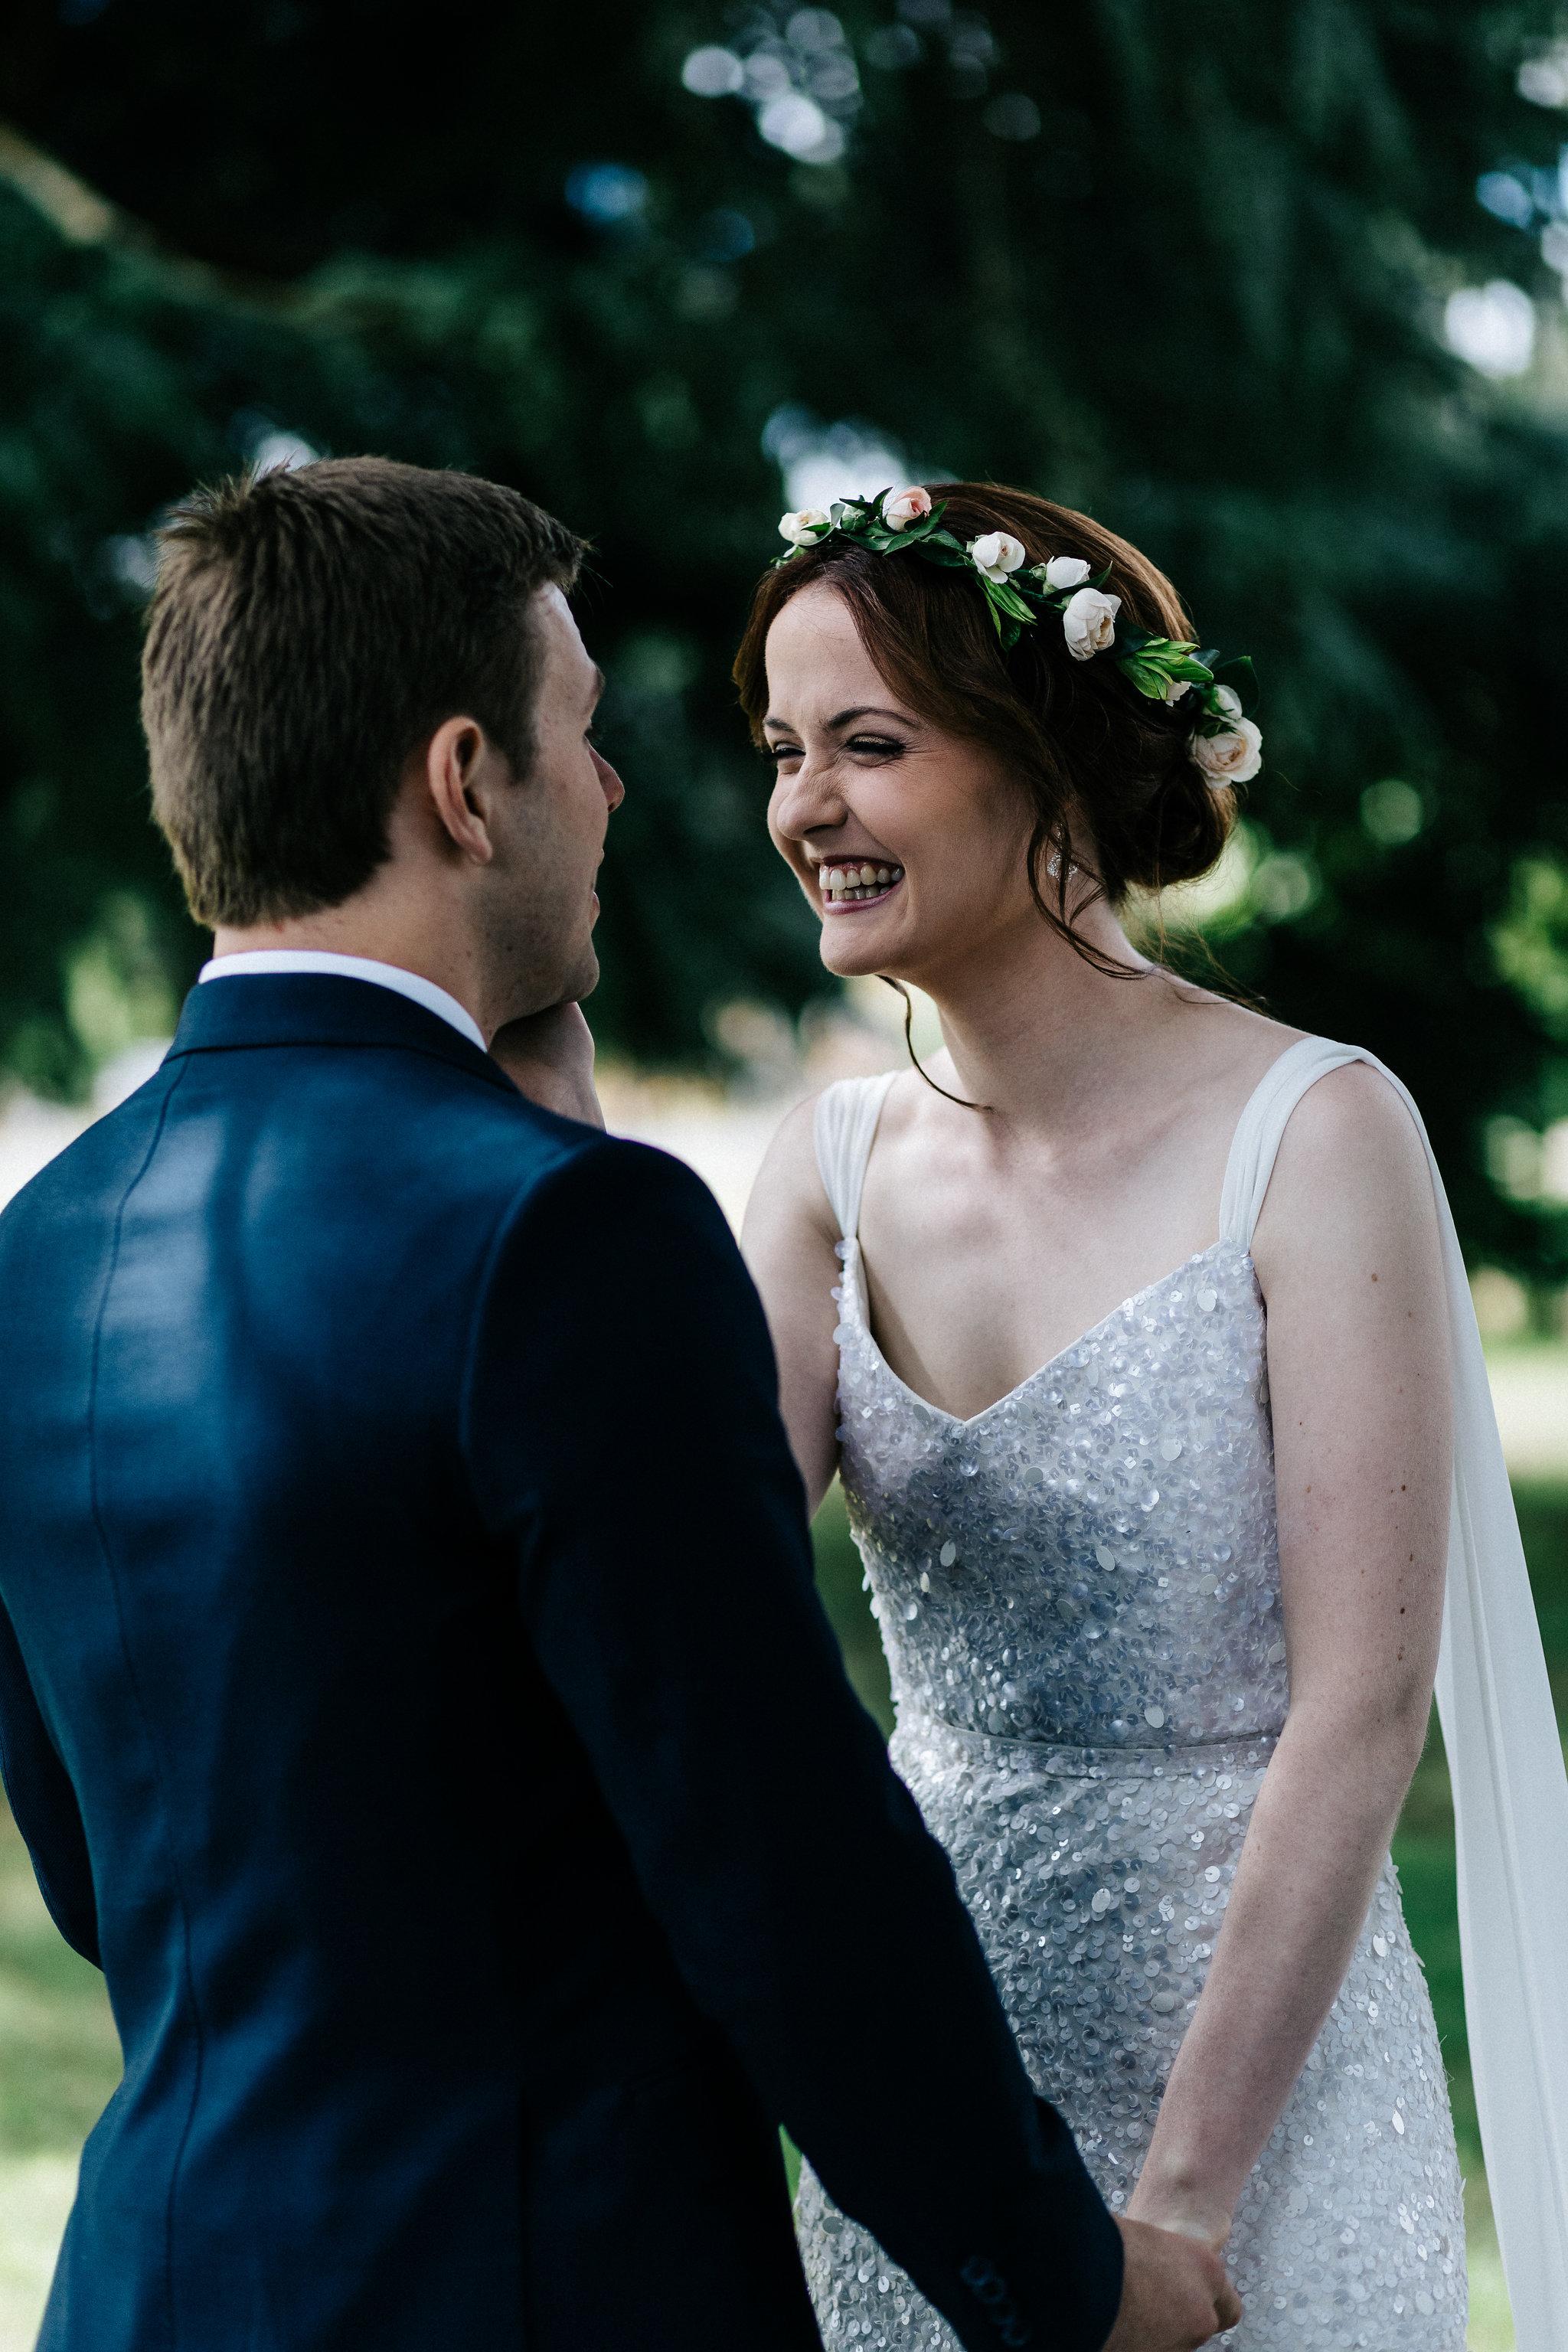 Sarah & Lucas' DIY wedding